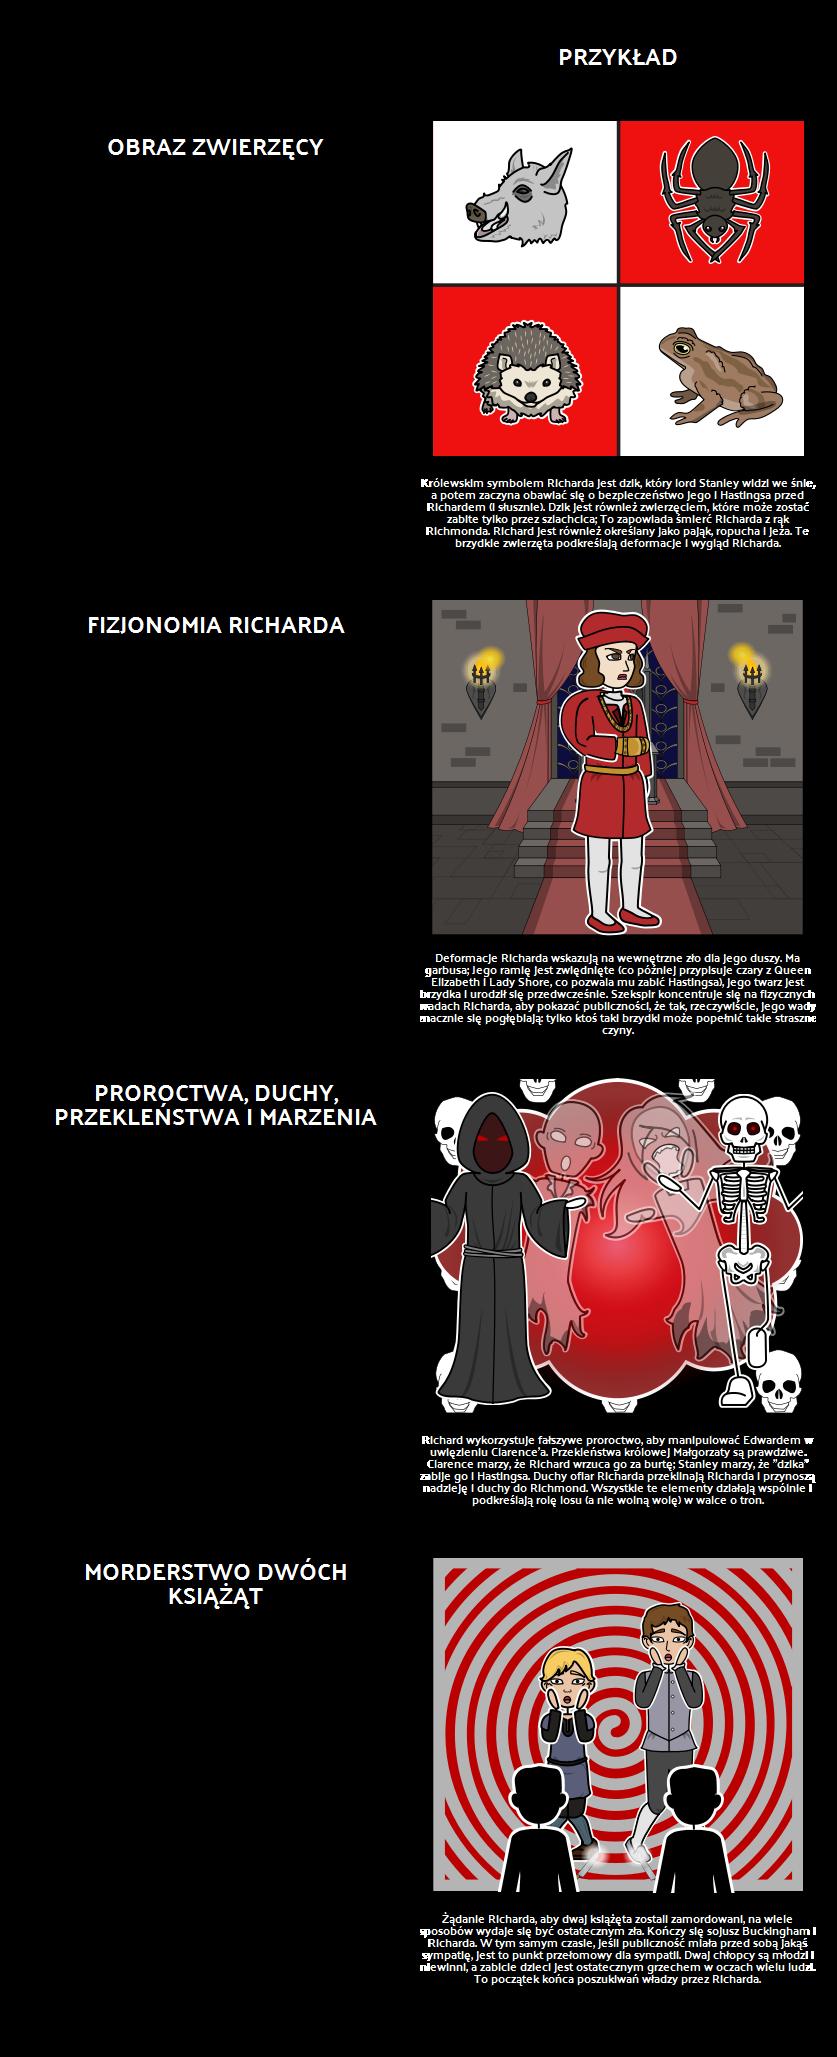 Motywy, Motywy i Symbole w Tragedii Richarda III